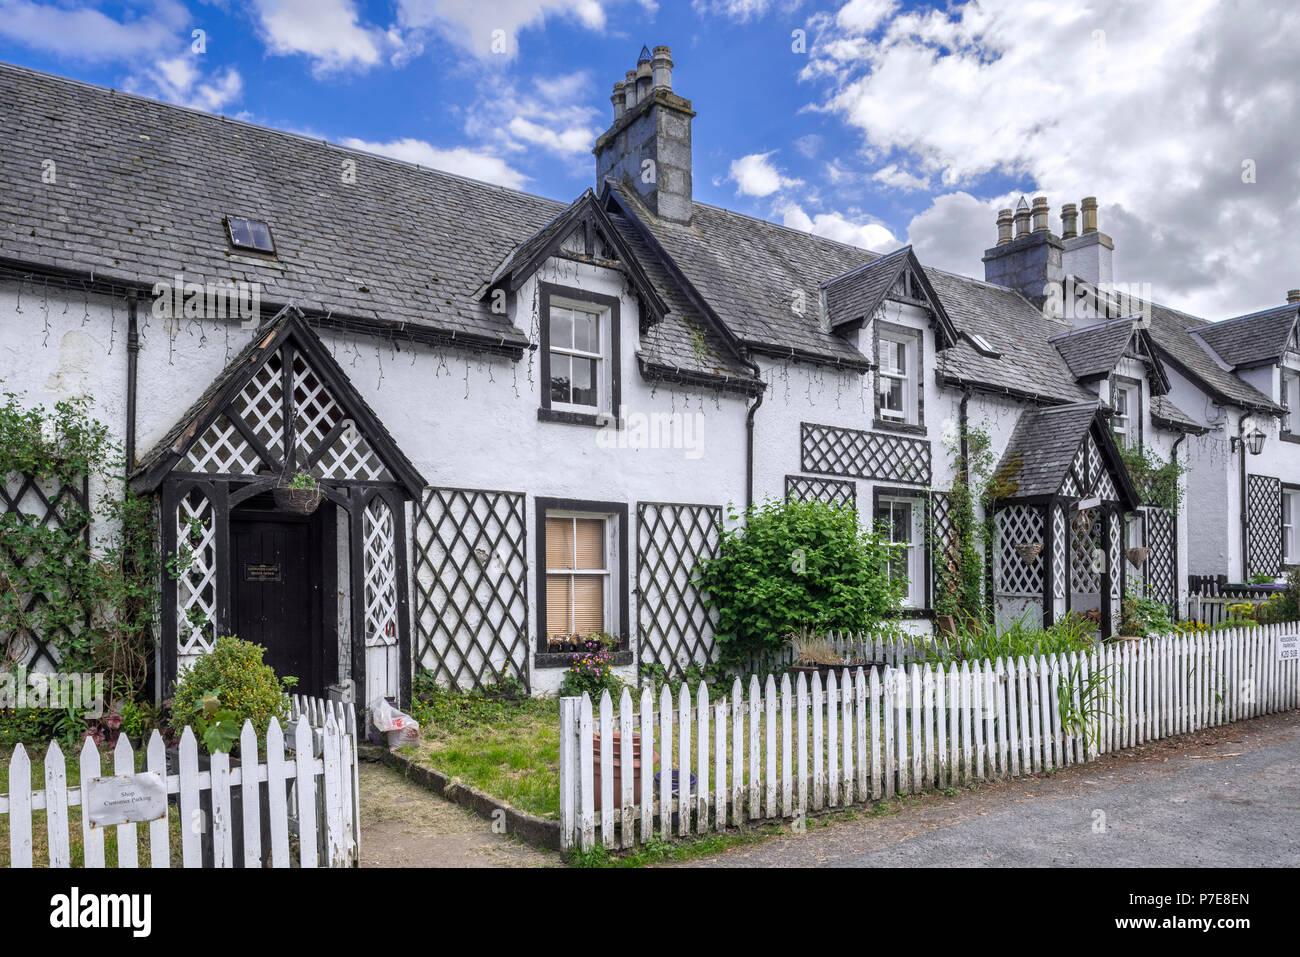 Hilera de casas blancas en la aldea de Kenmore, Perth y Kinross, Perthshire en las Highlands de Escocia, Reino Unido Imagen De Stock